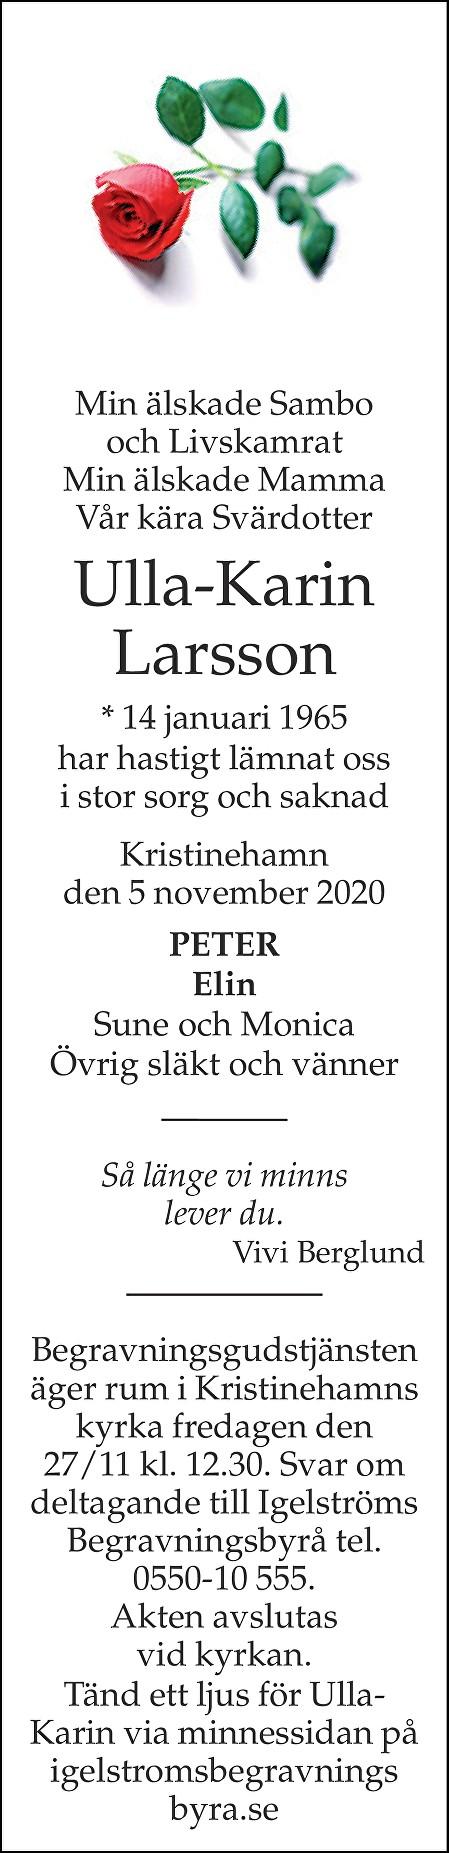 Ulla-Karin Larsson Death notice